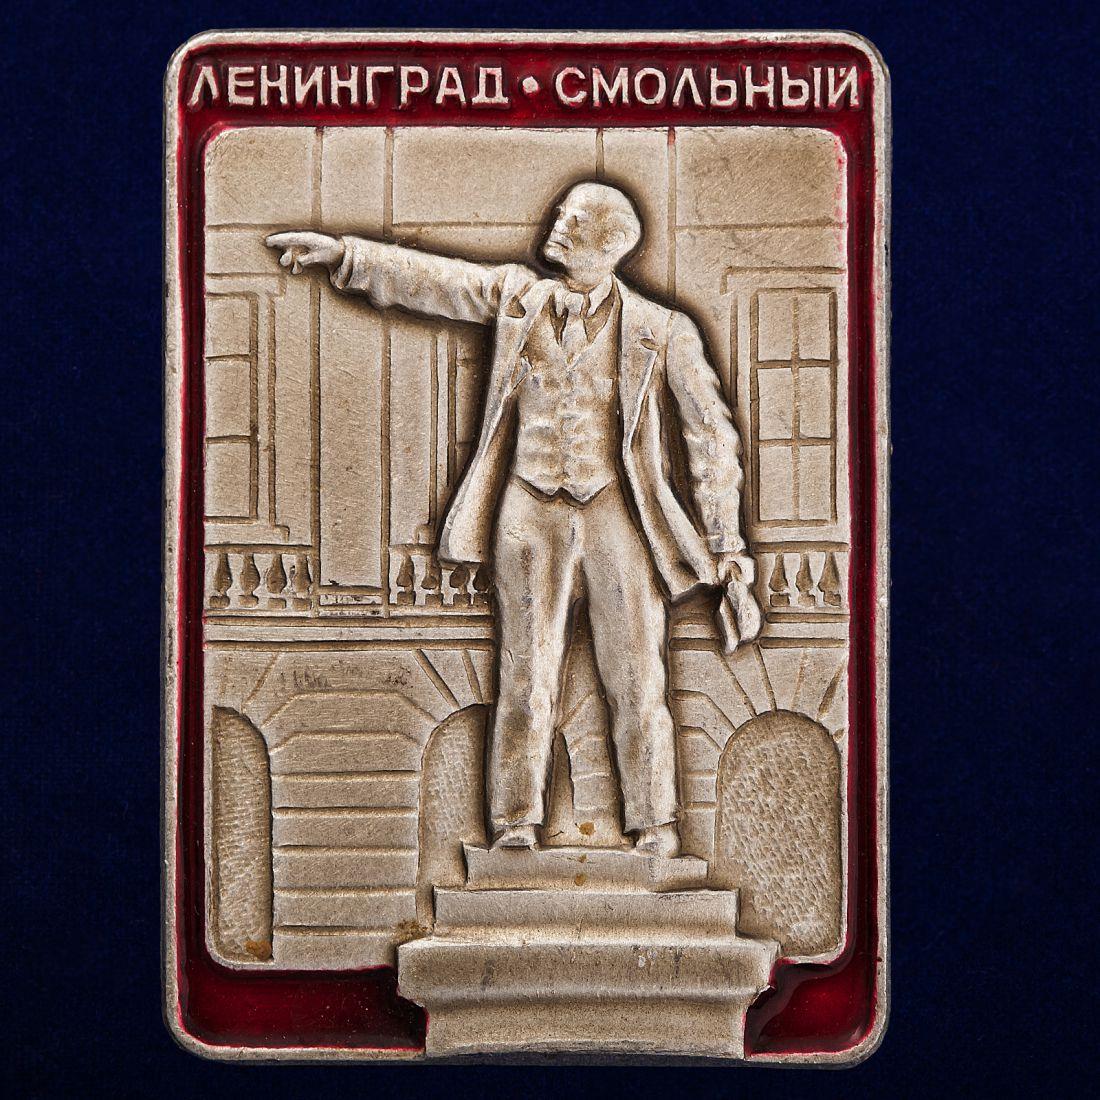 Алюминиевый значок СССР Смольный – всего 99 рублей